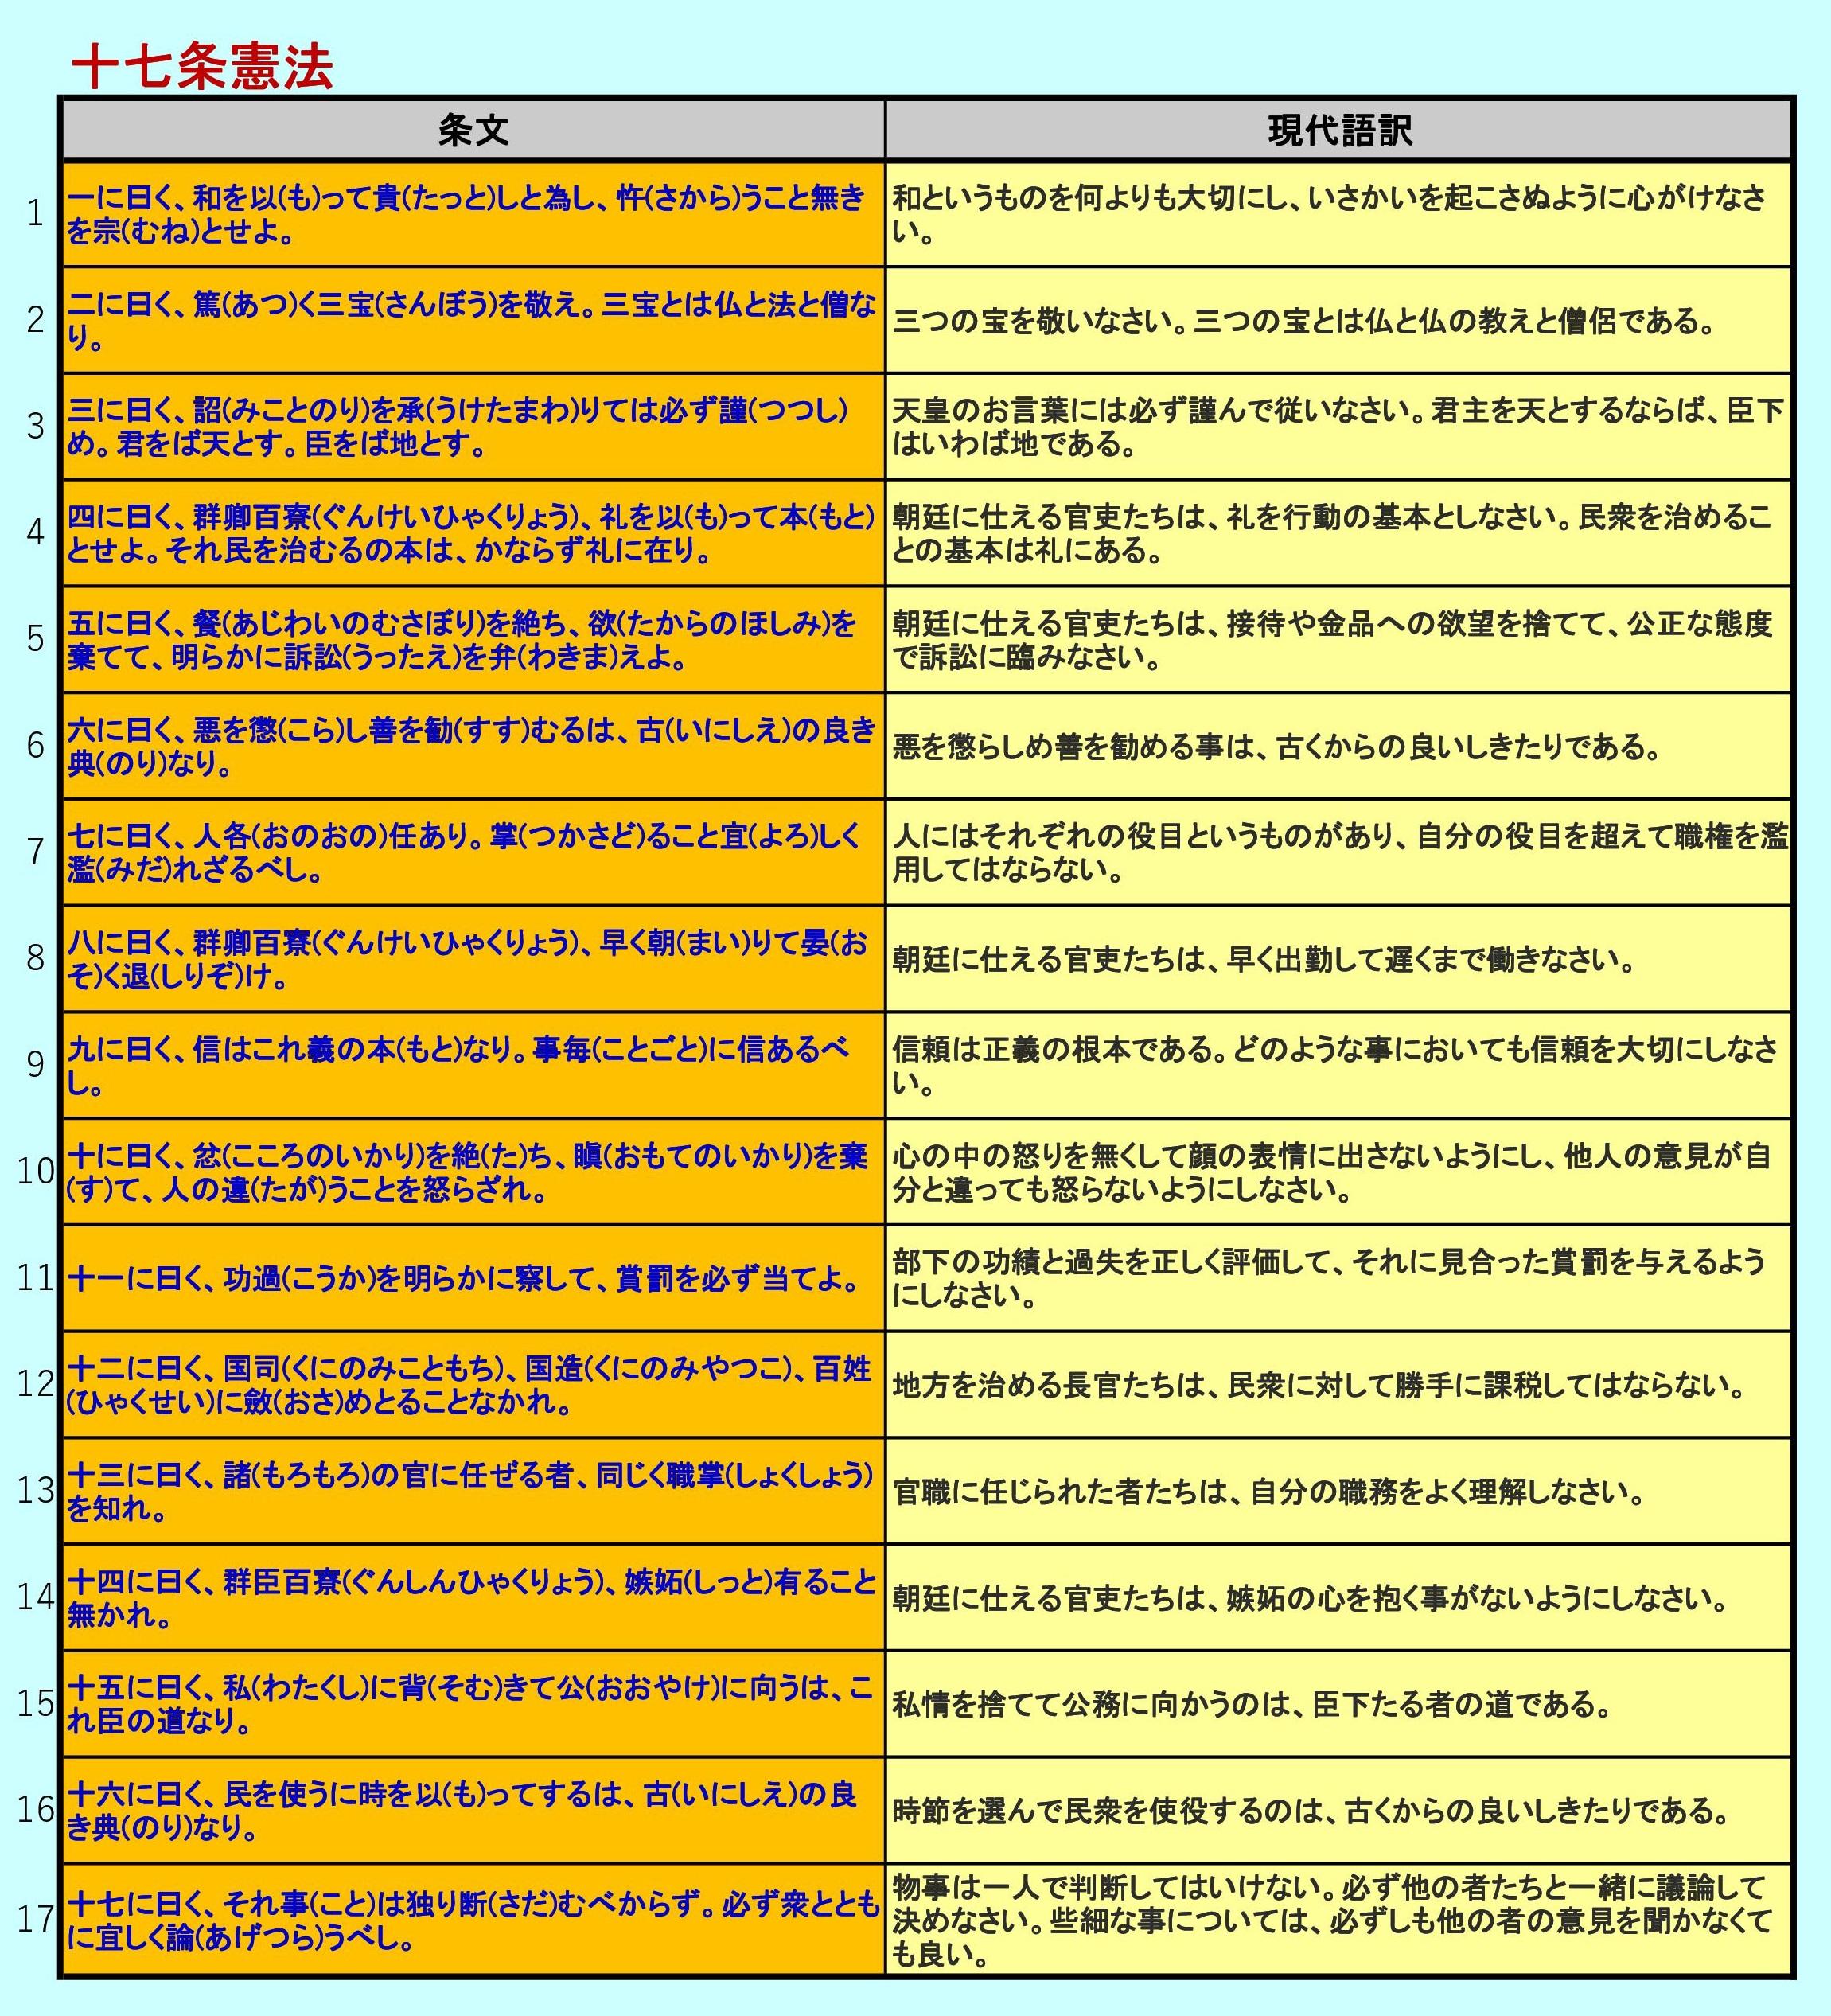 日本 日本 憲法 憲法 と の 違い 国 帝国 大